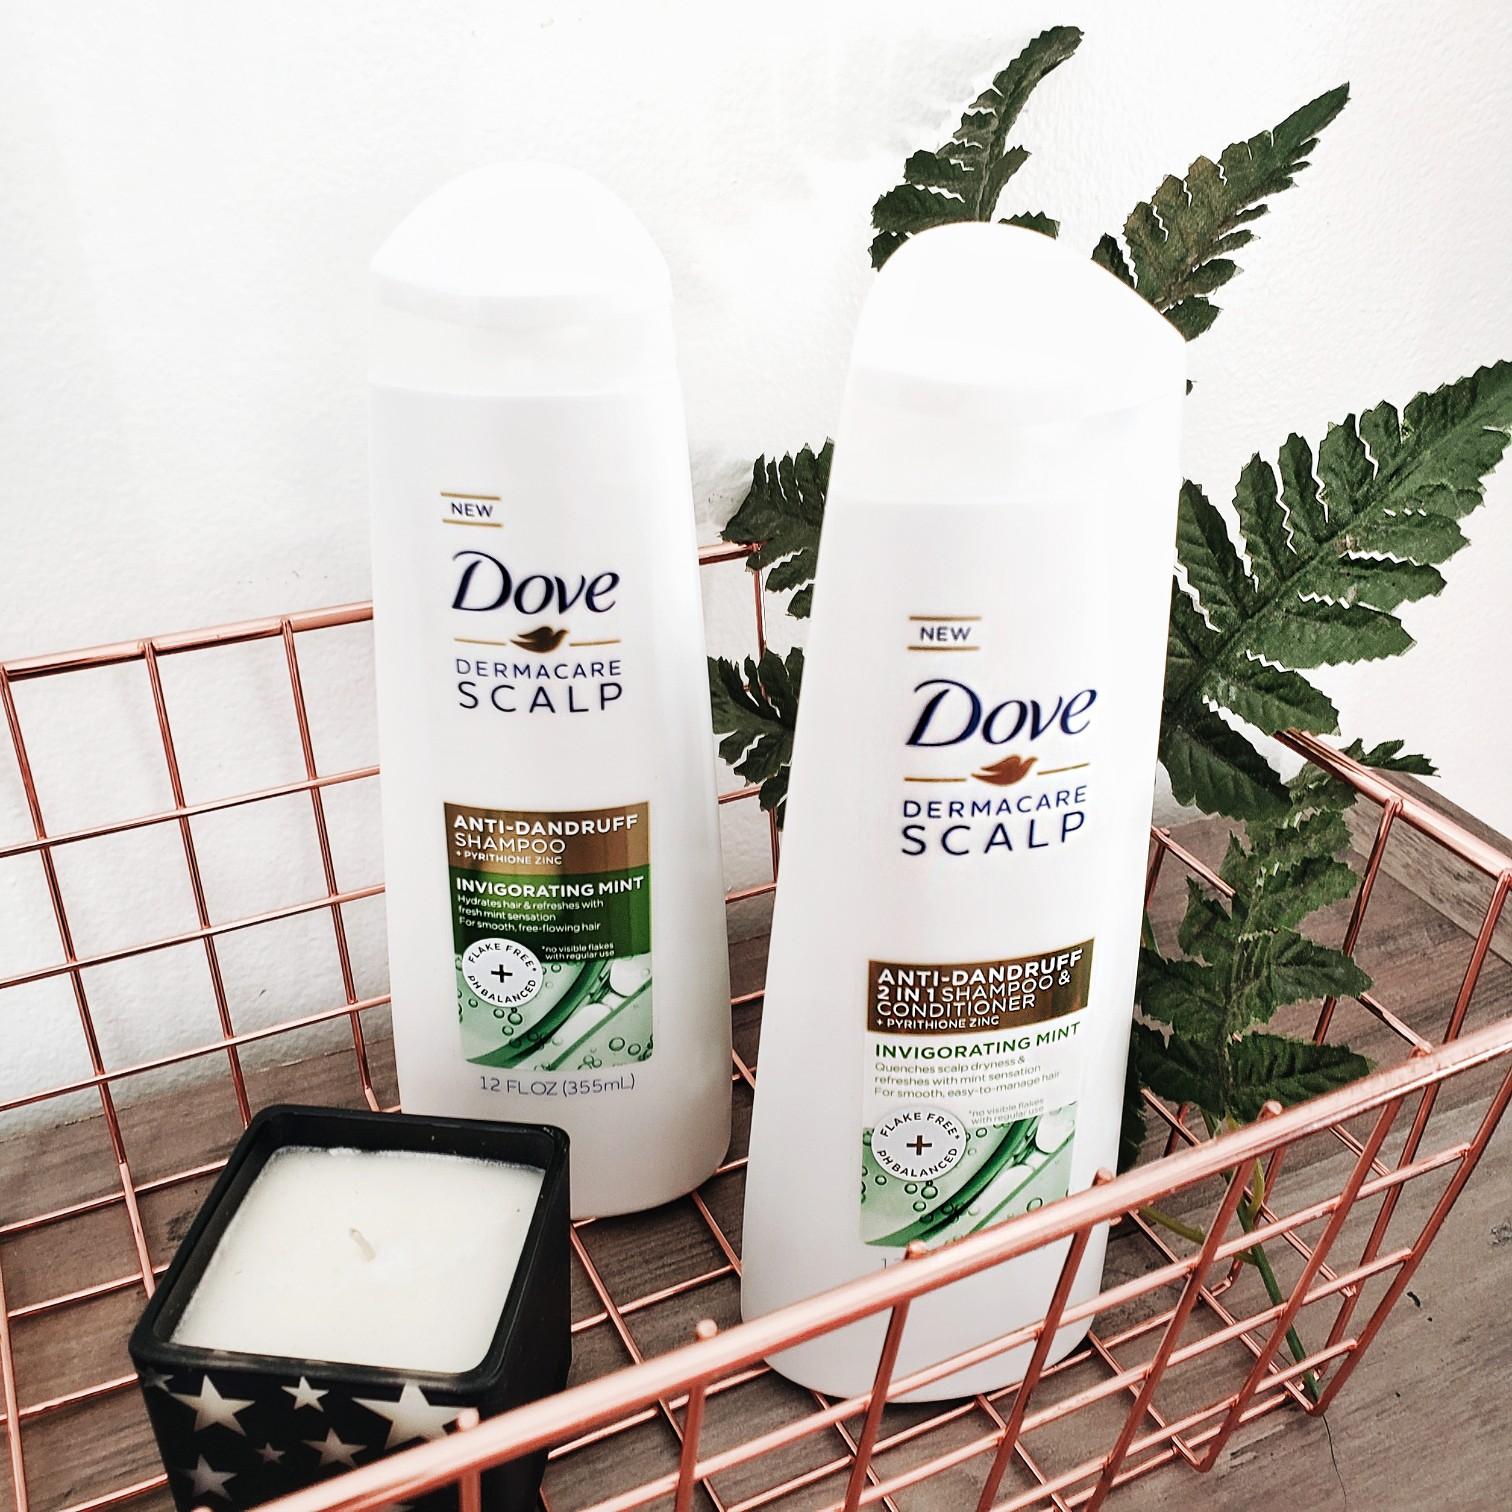 Dove Dermacare Anti-Dandruff Invigorating Mint Shampoo Review